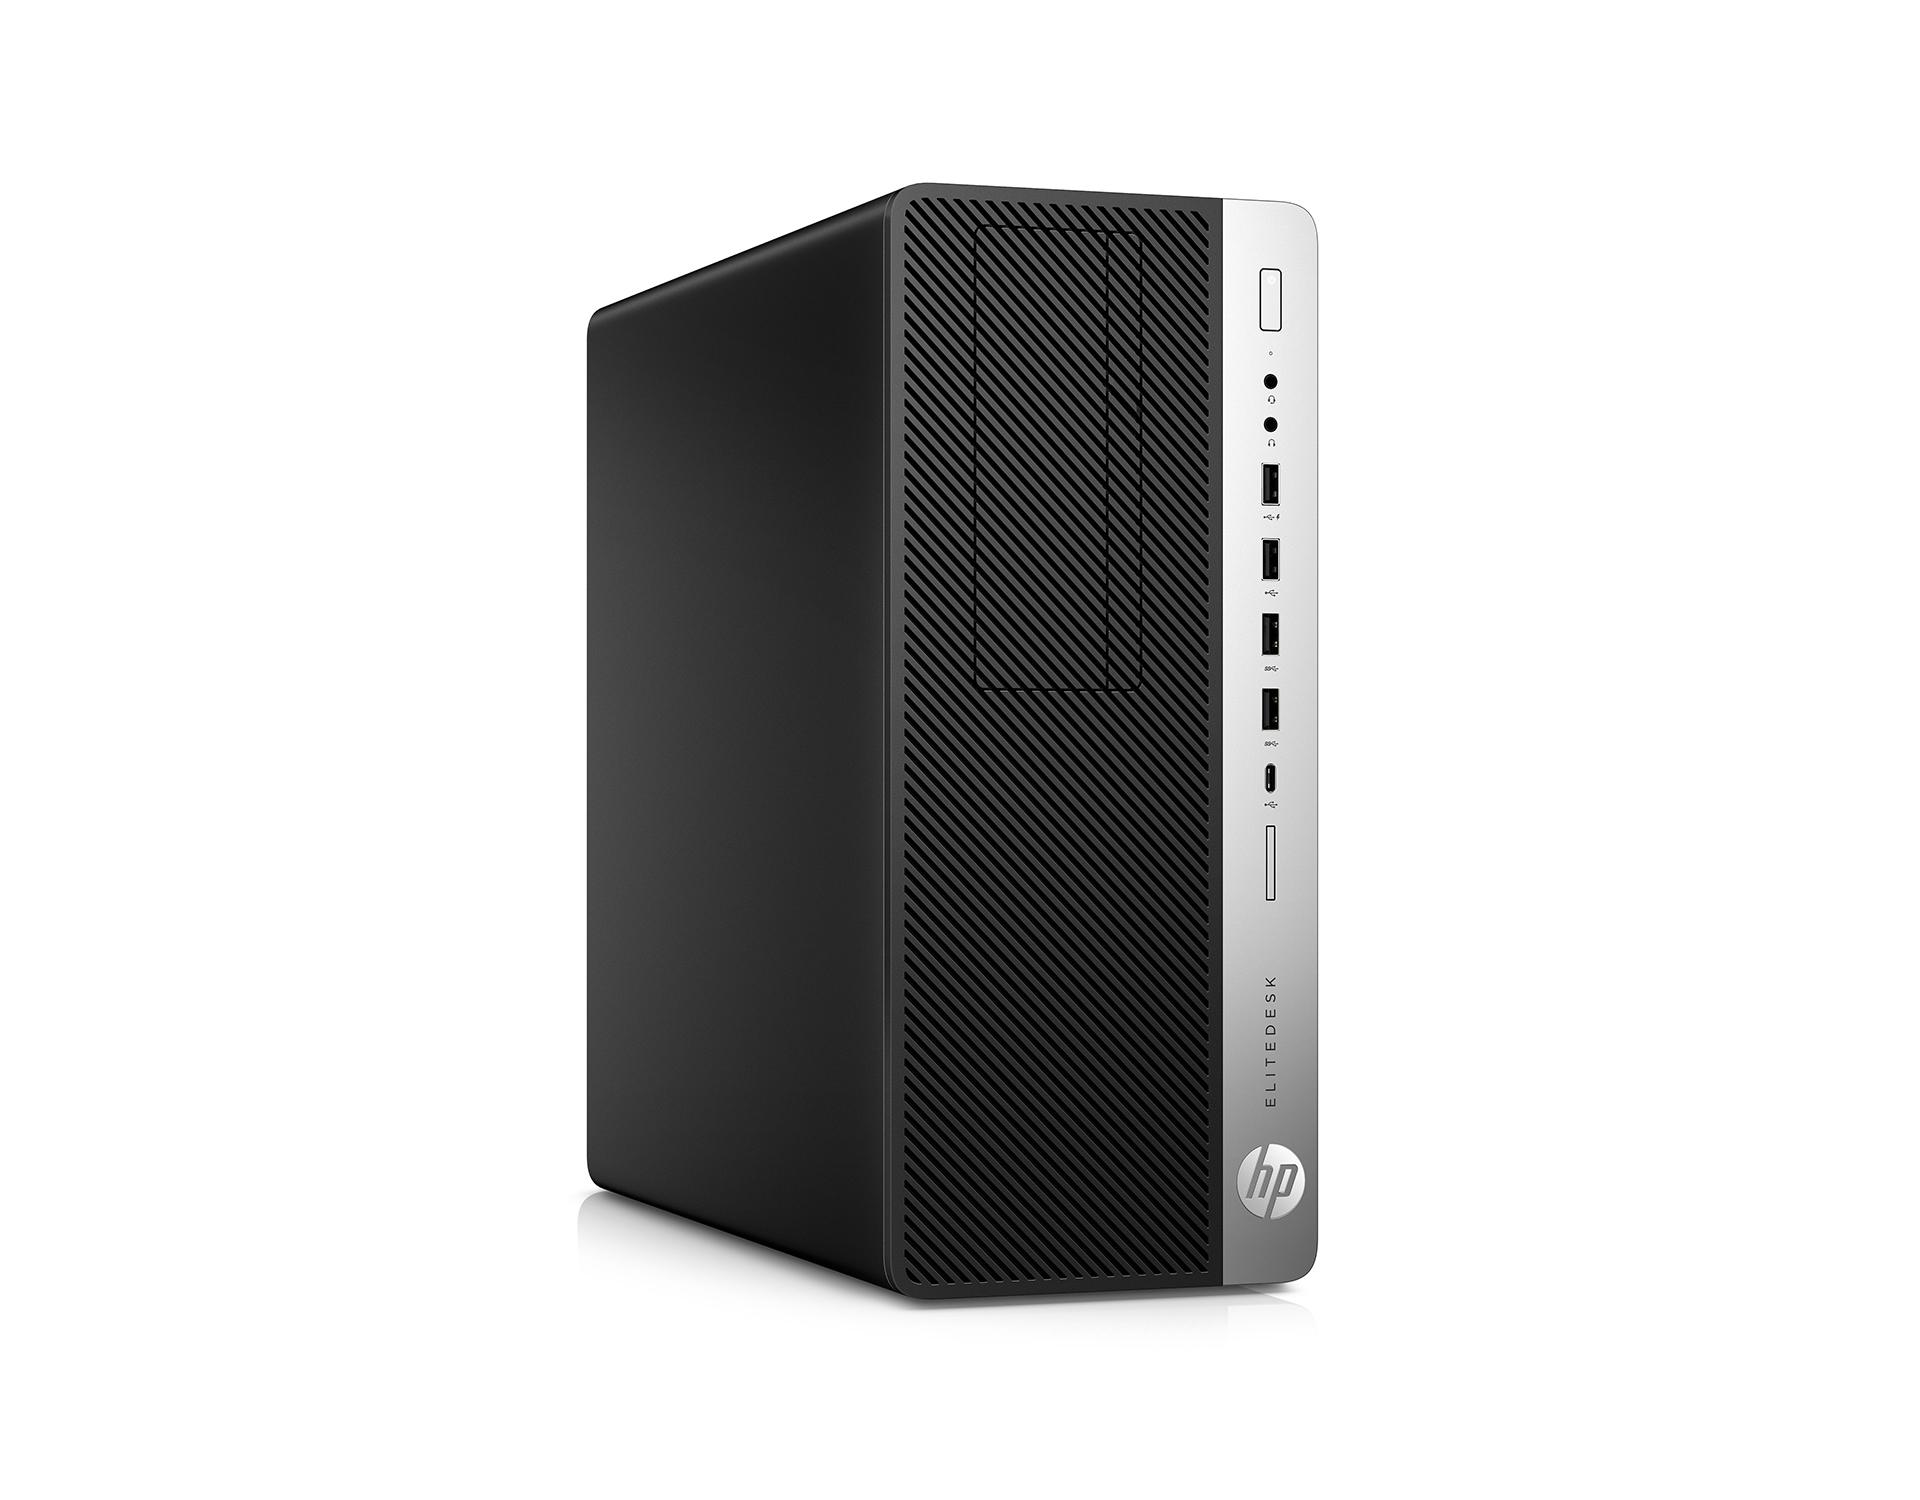 HP EliteDesk 800 G5 TW